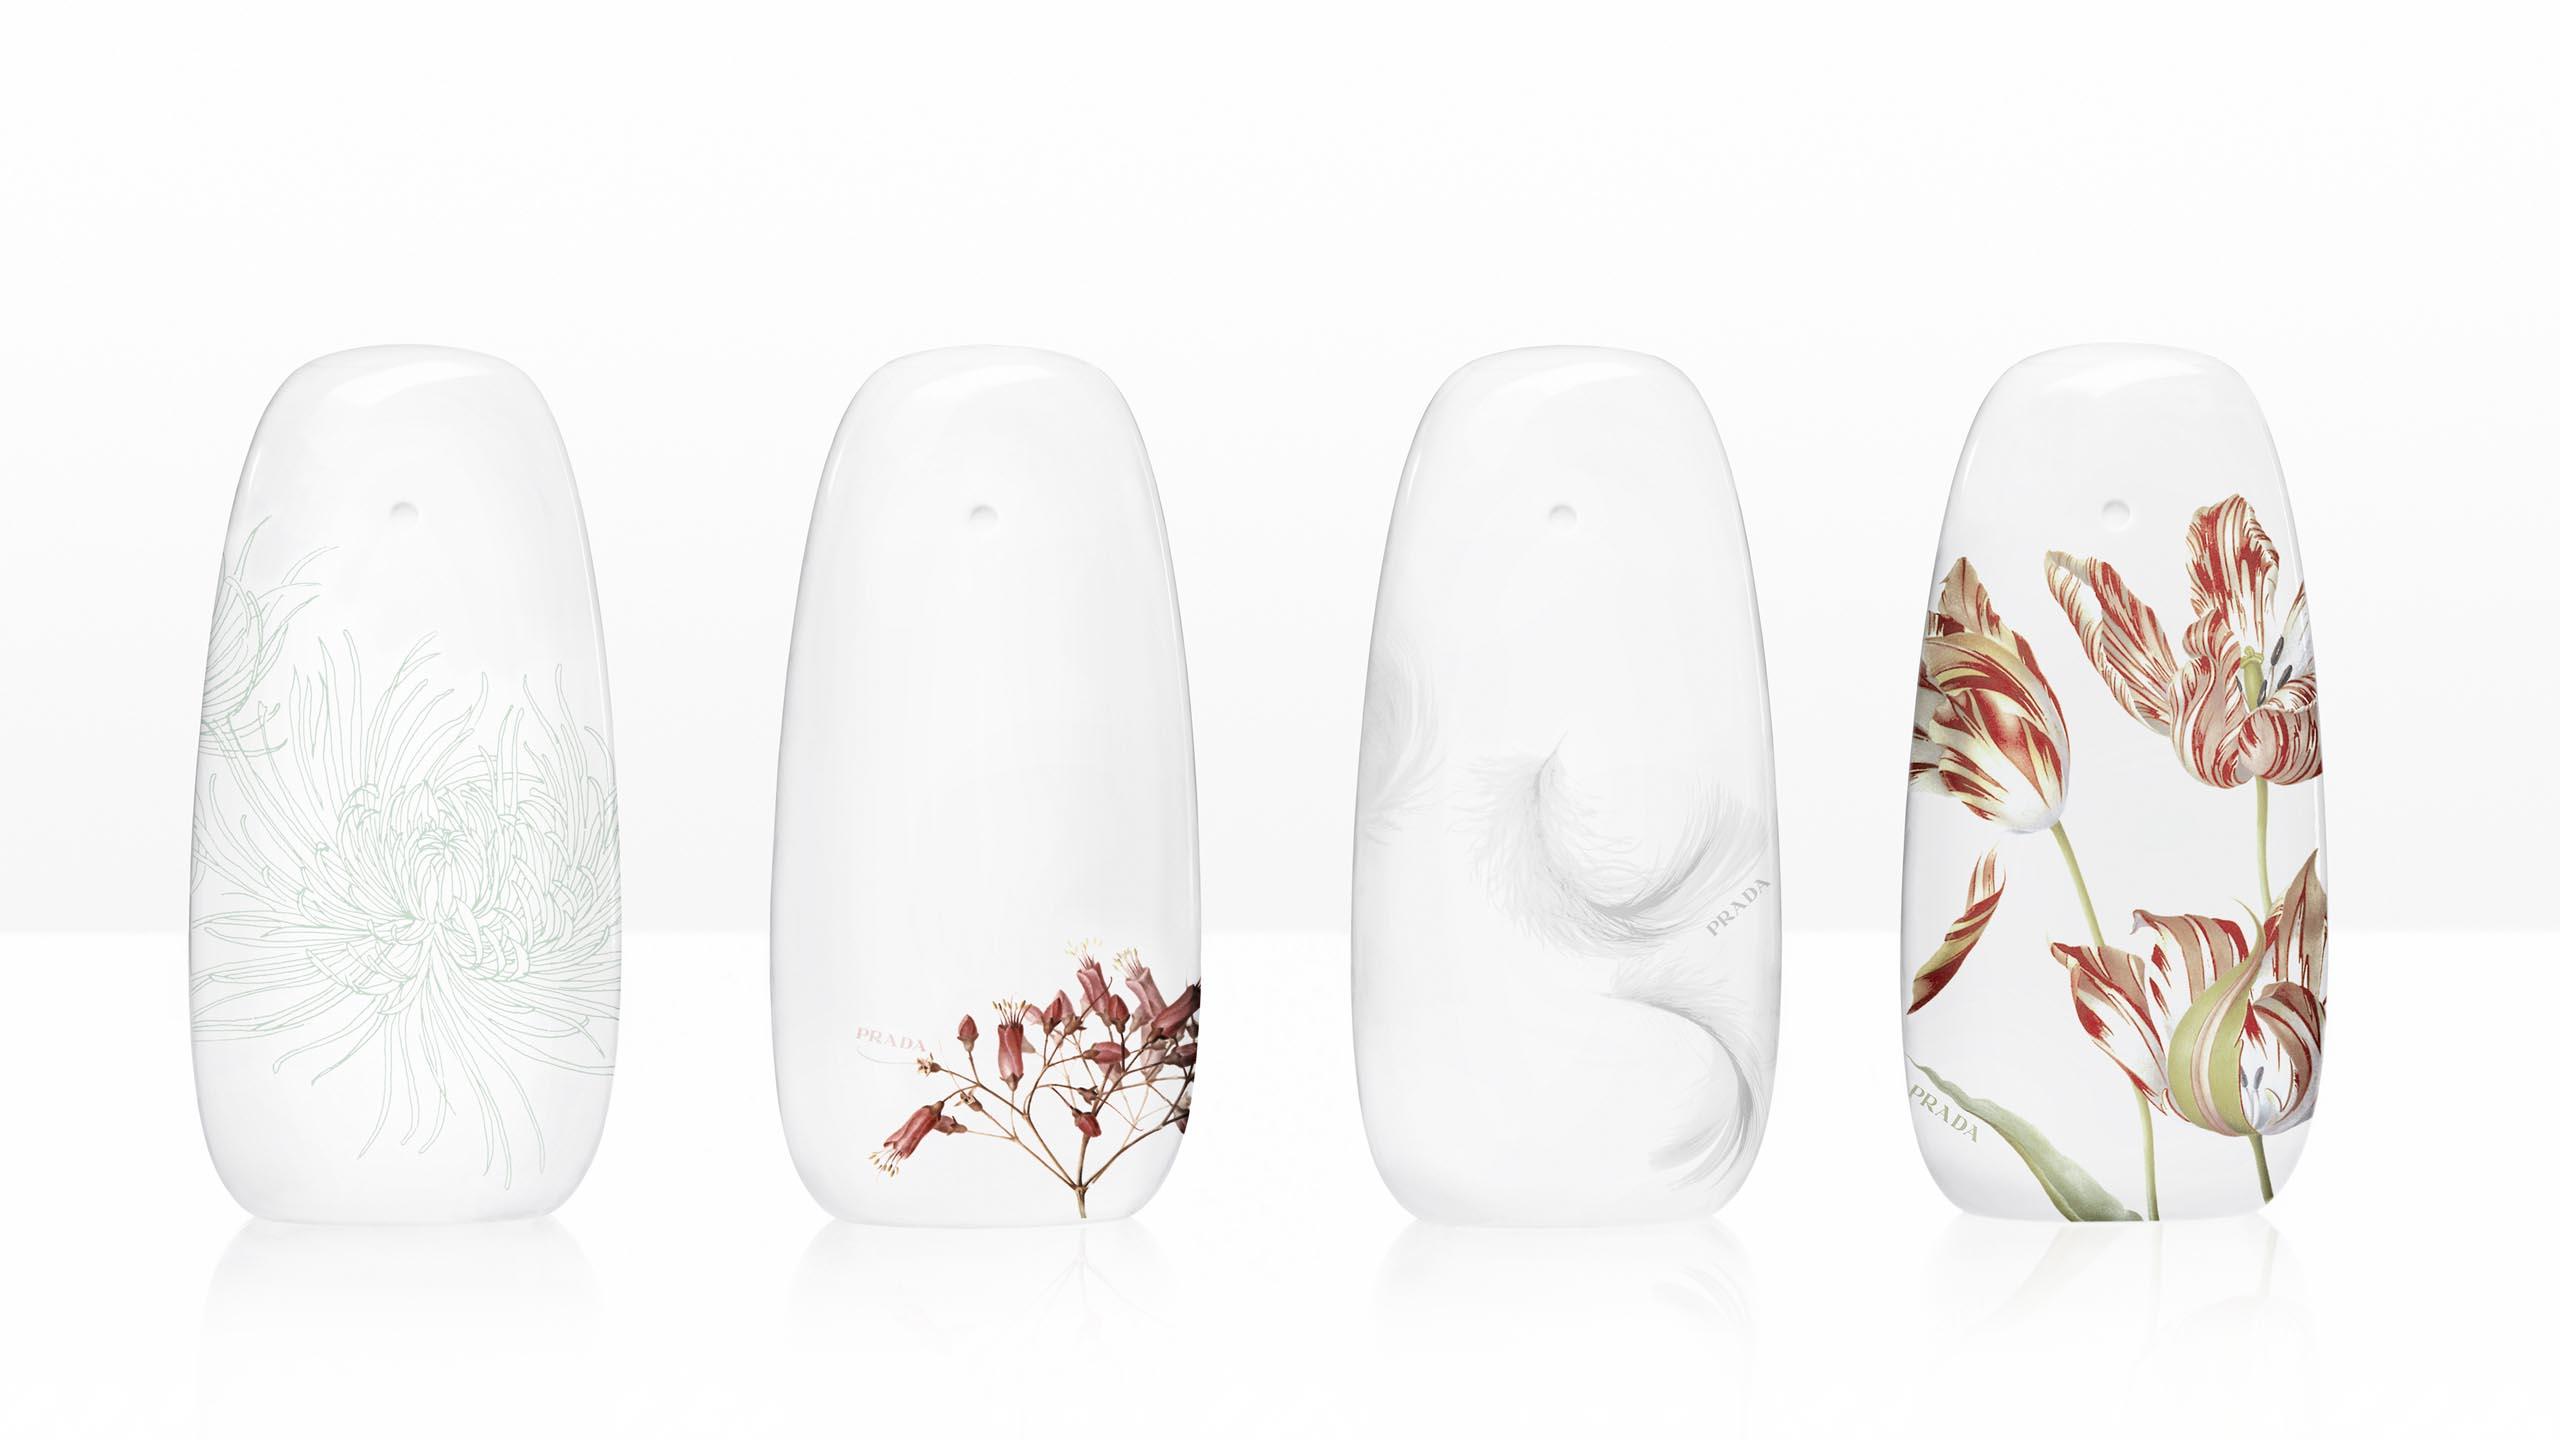 Prada Fragrance Collection - flacon design